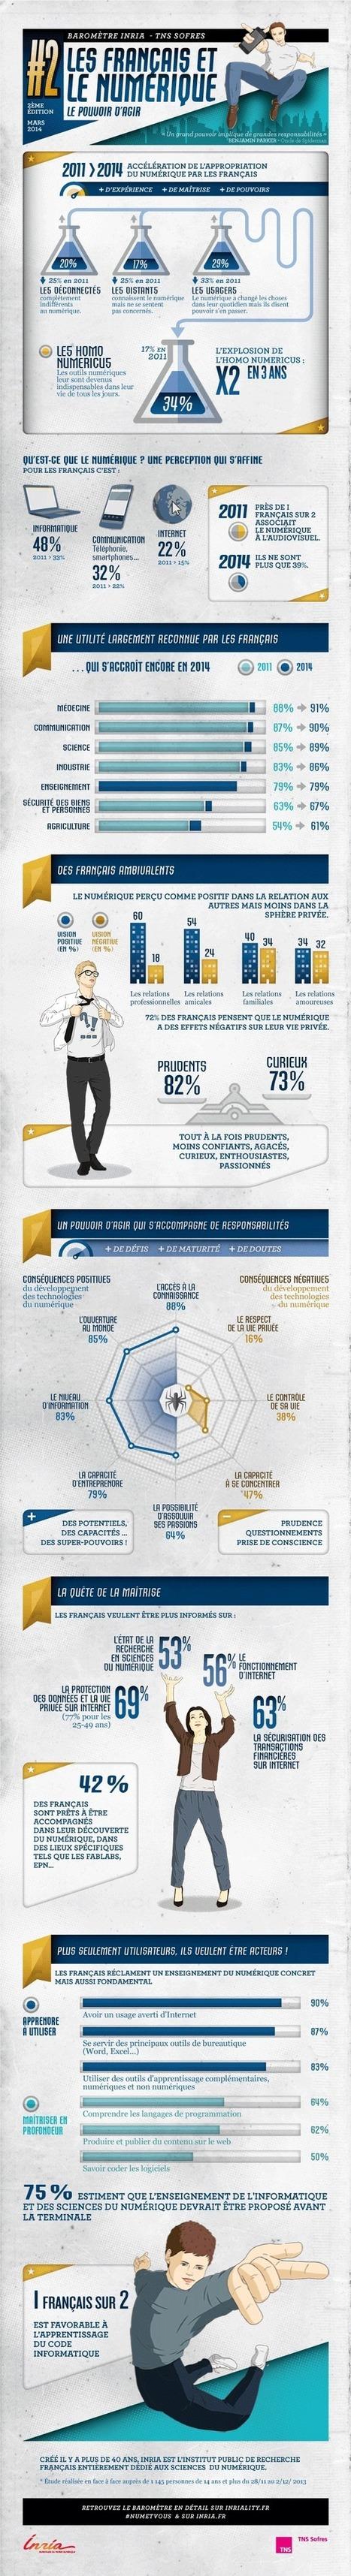 Les Français et le numérique en 2014 : 4 profils type, 10 chiffres clés et 2 infographies informatives | Education & Numérique | Scoop.it